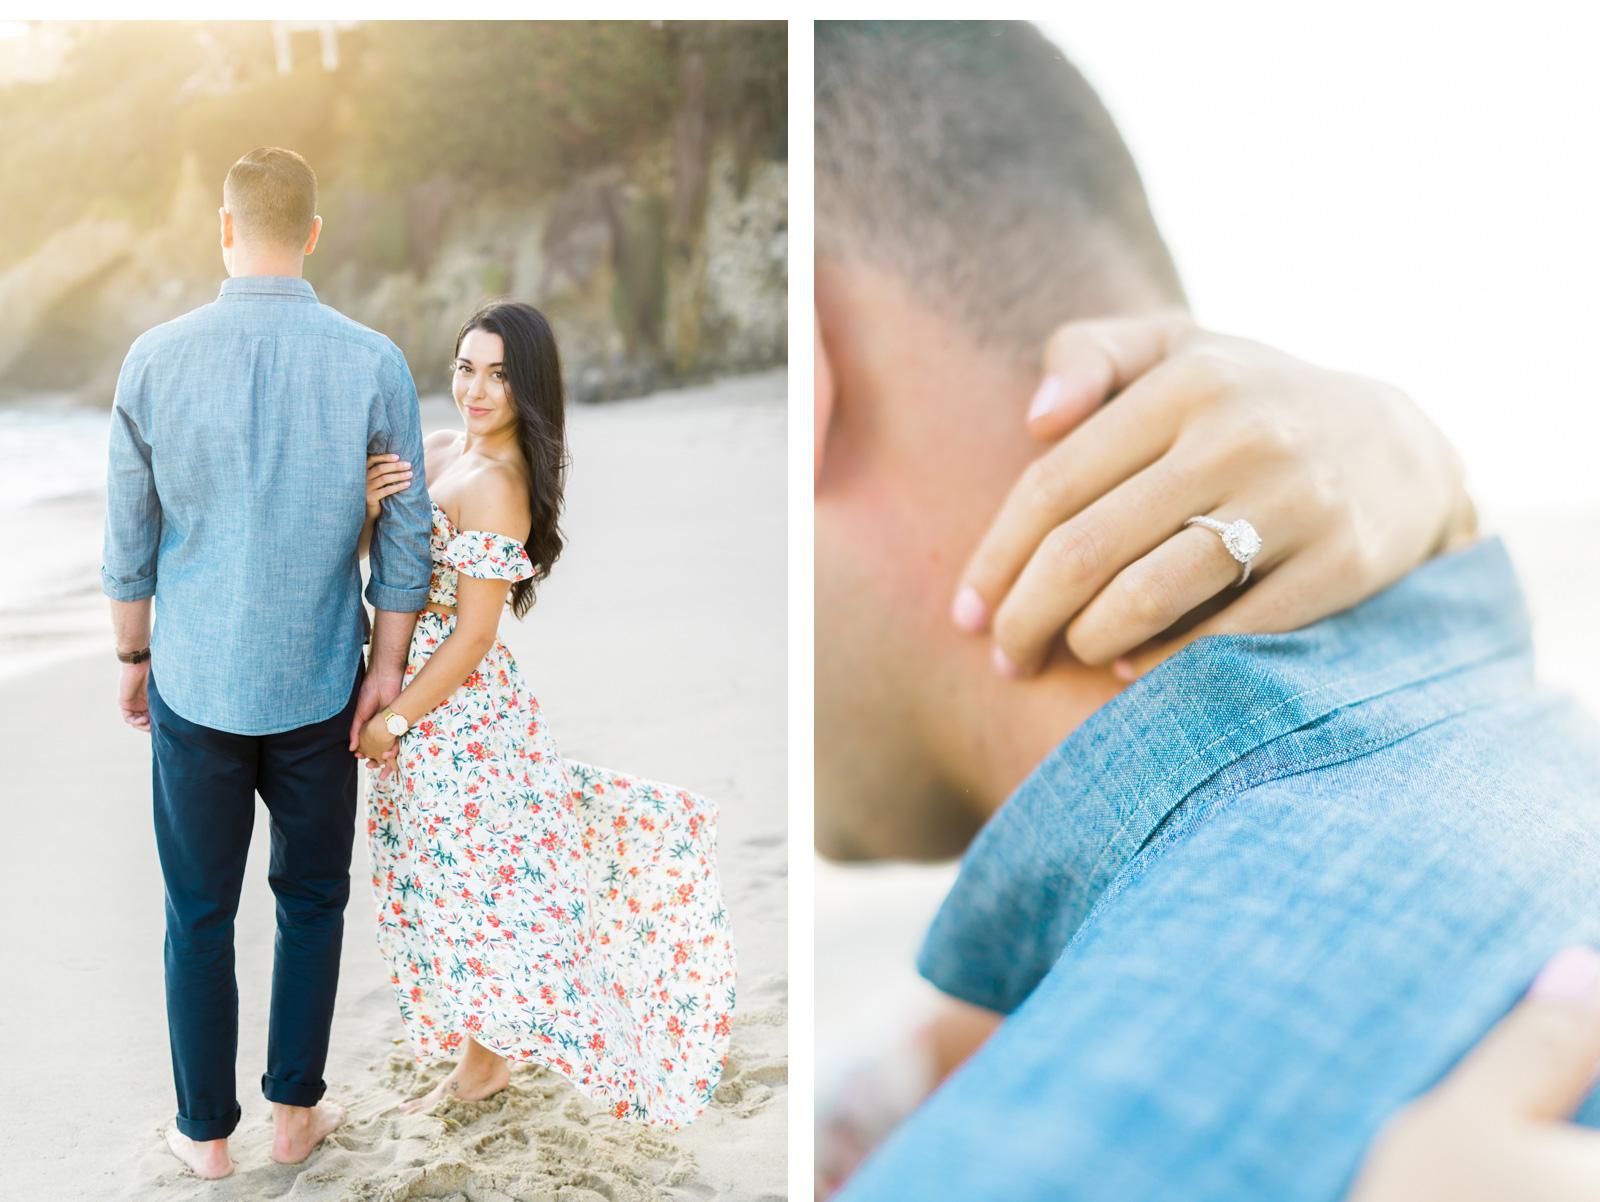 Triunfo-Creek-Wedding-Photographer-Natalie-Schutt-Photography-2_05.jpg